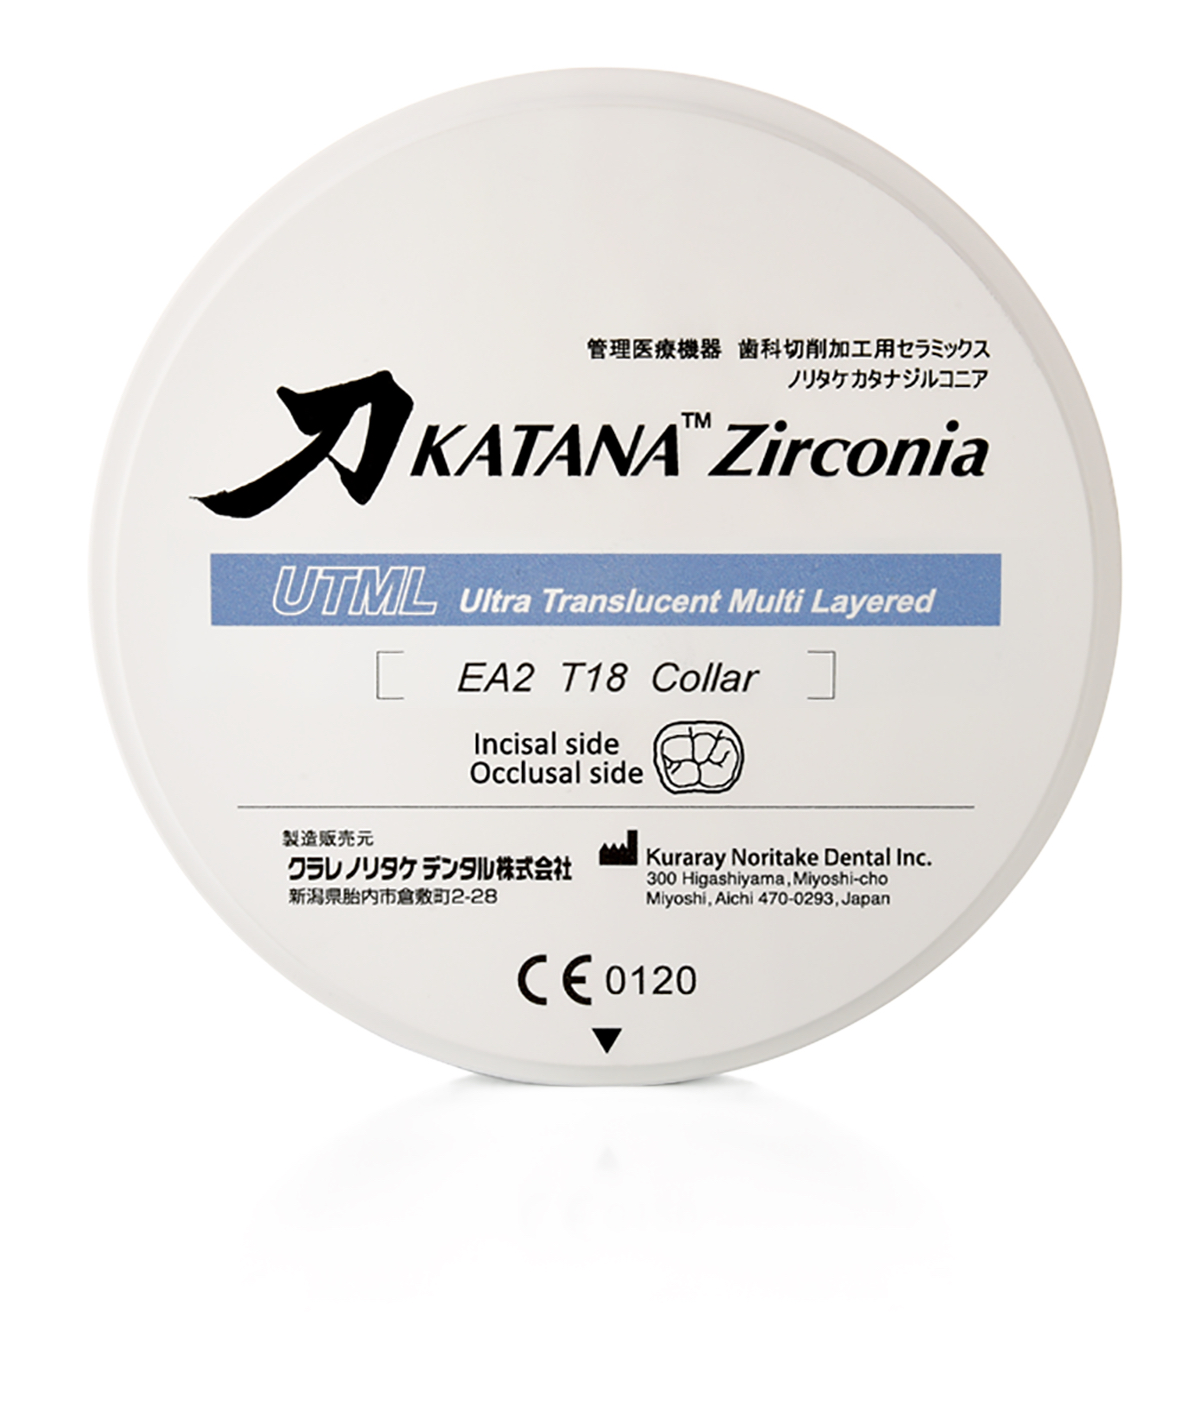 KATANA™ Zirconia UTML